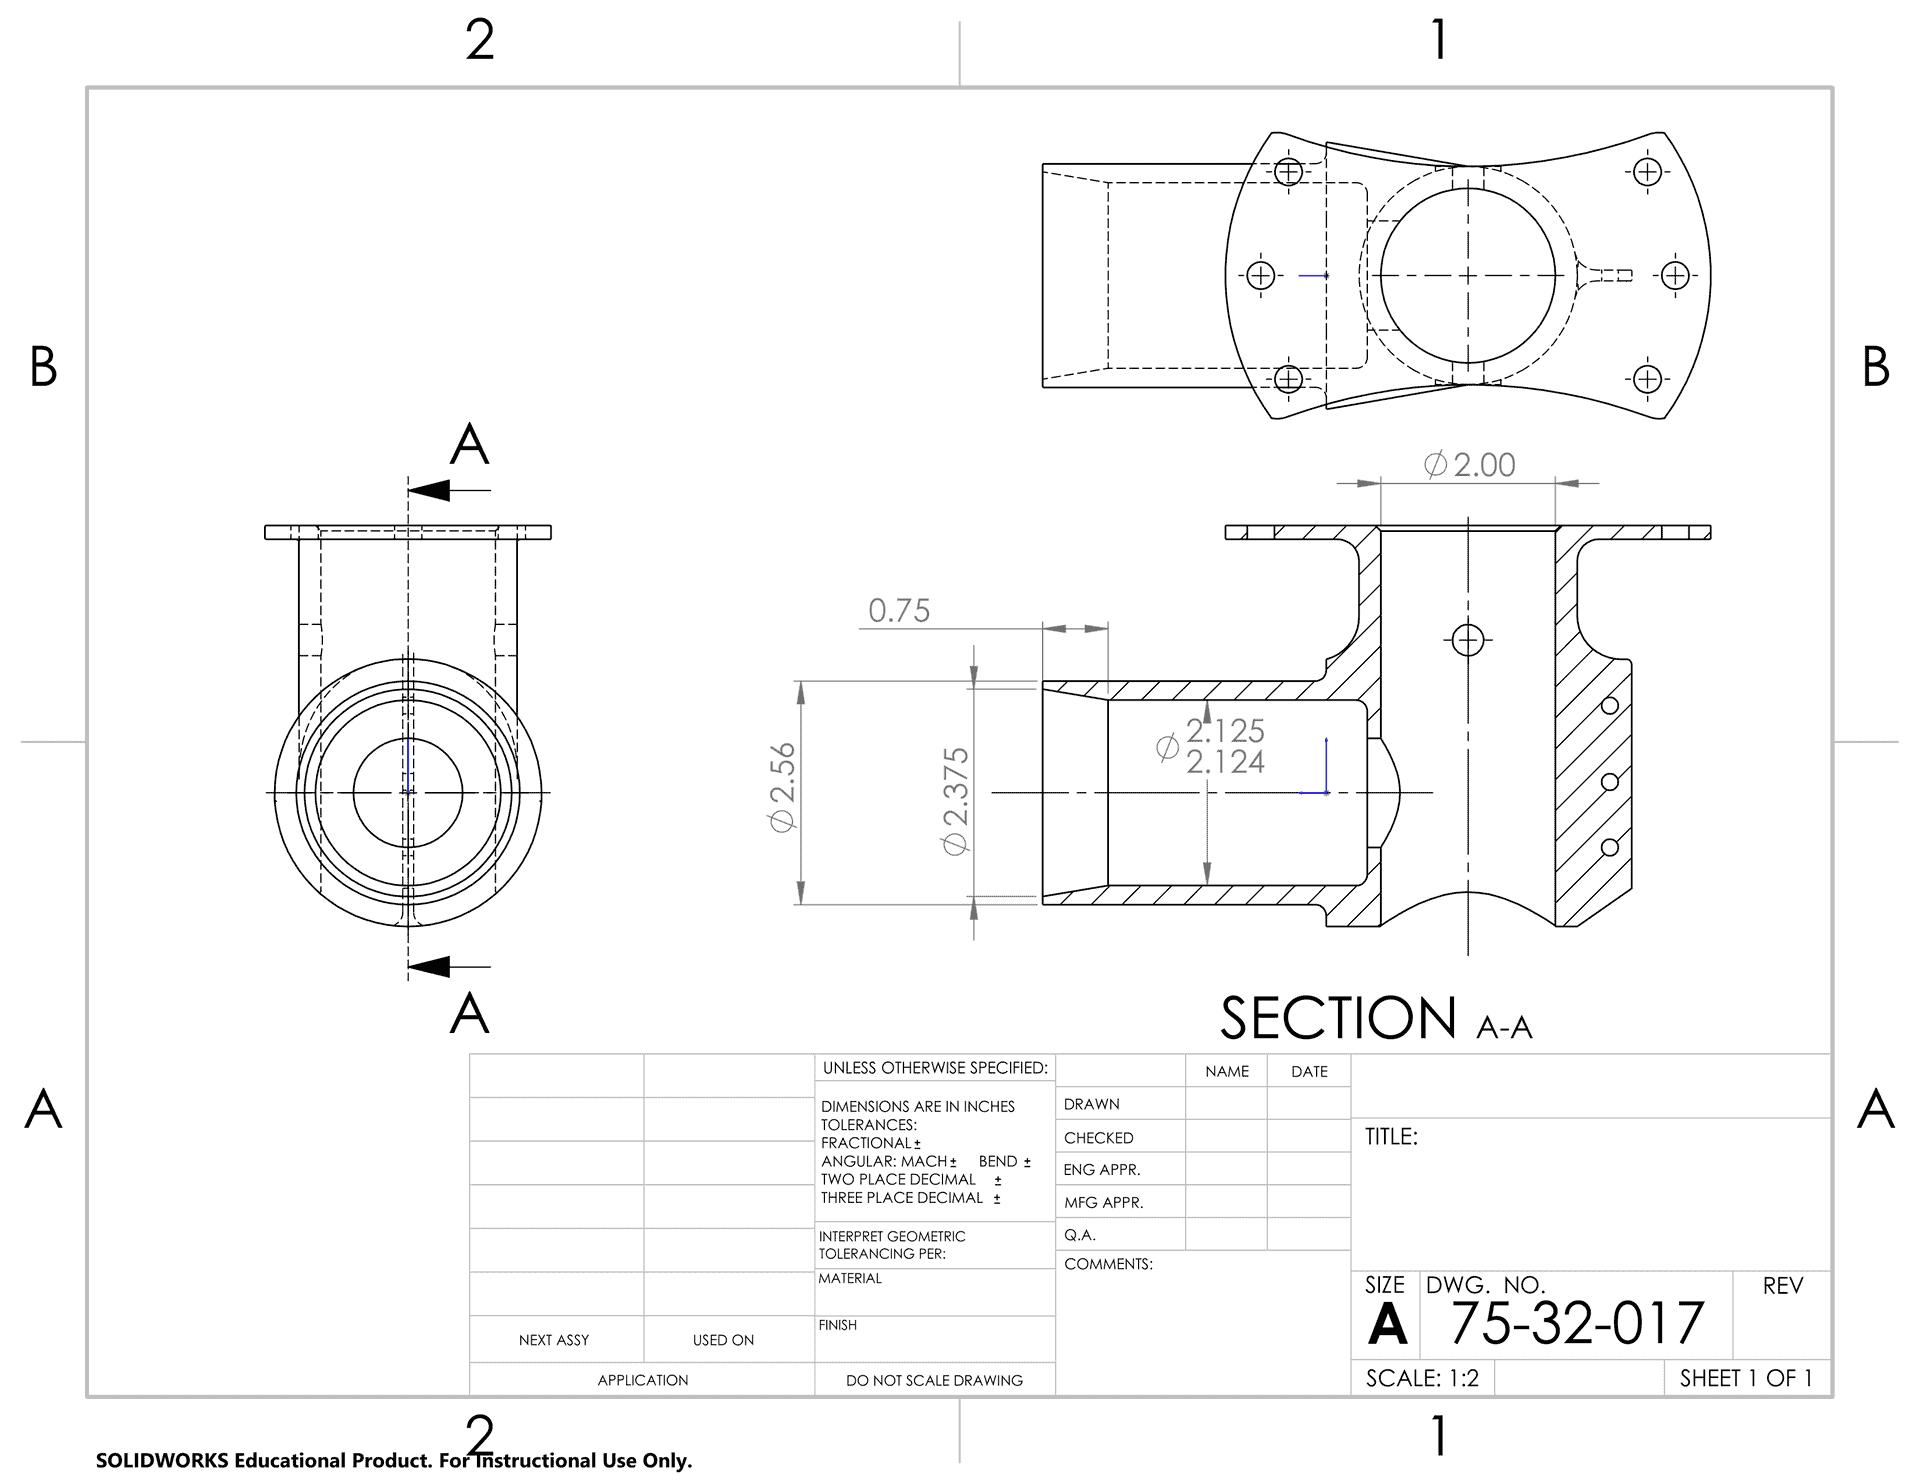 75-31-017 Fitting L.G. OLEO Strut Axle